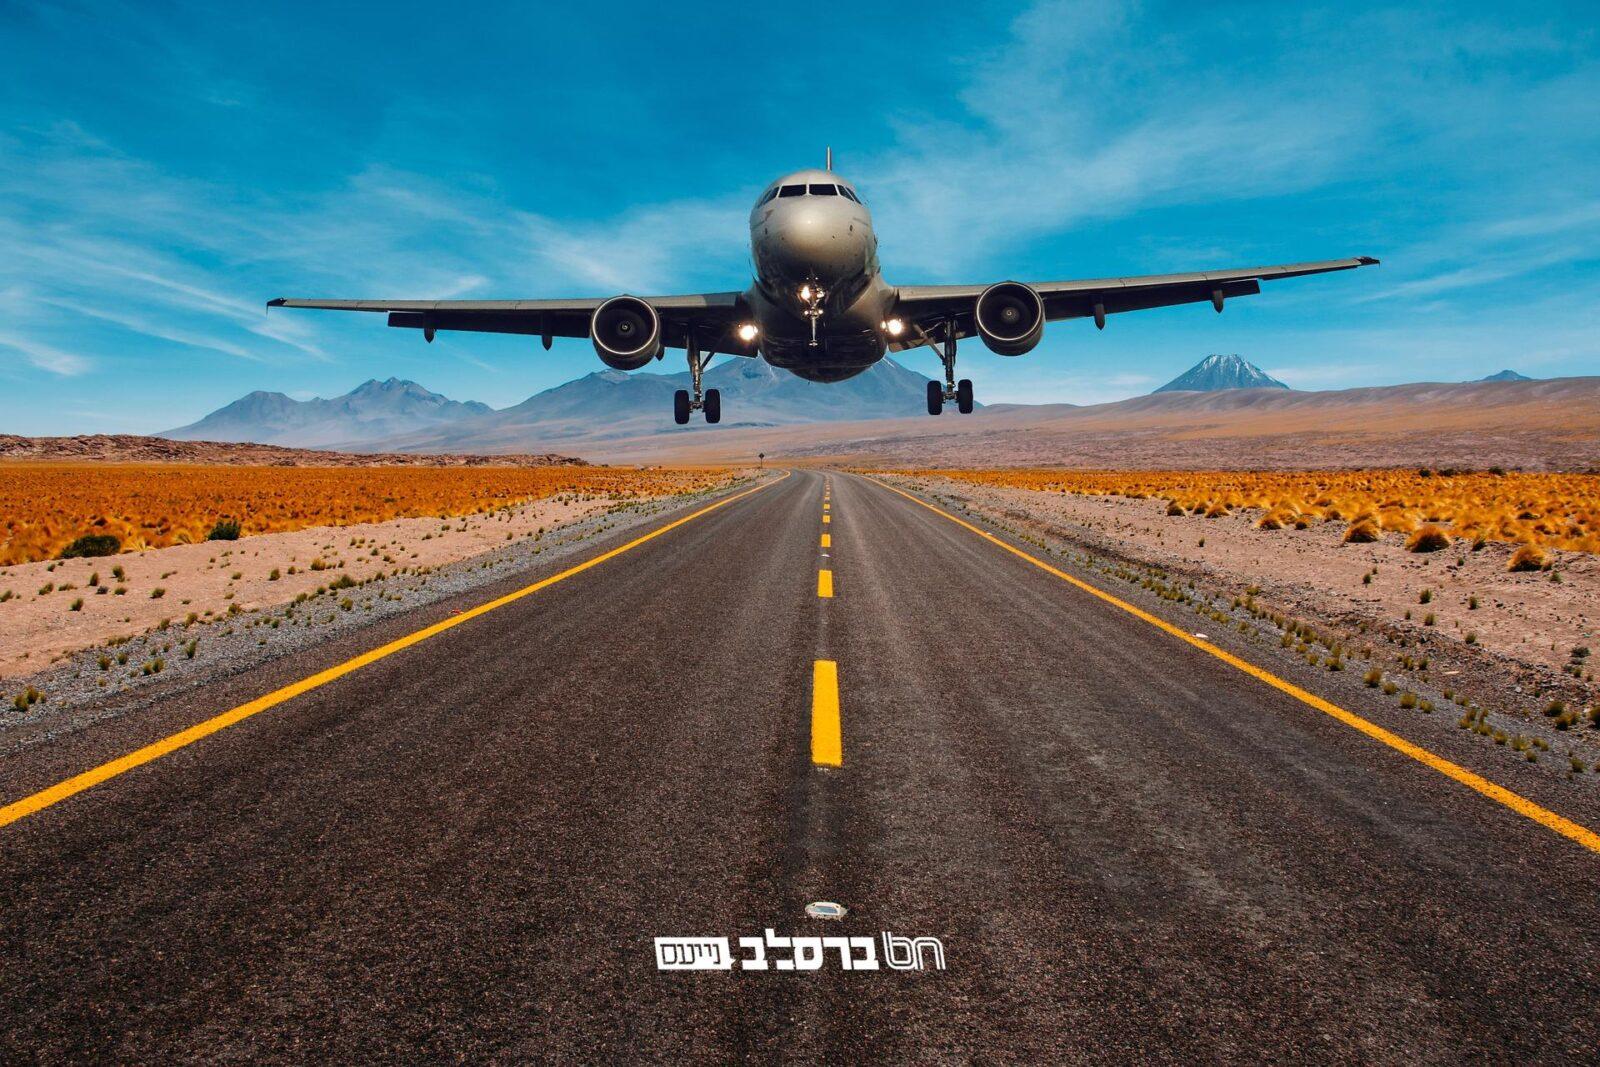 תעופה • כל ההנחיות העדכניות לטסים לאומן